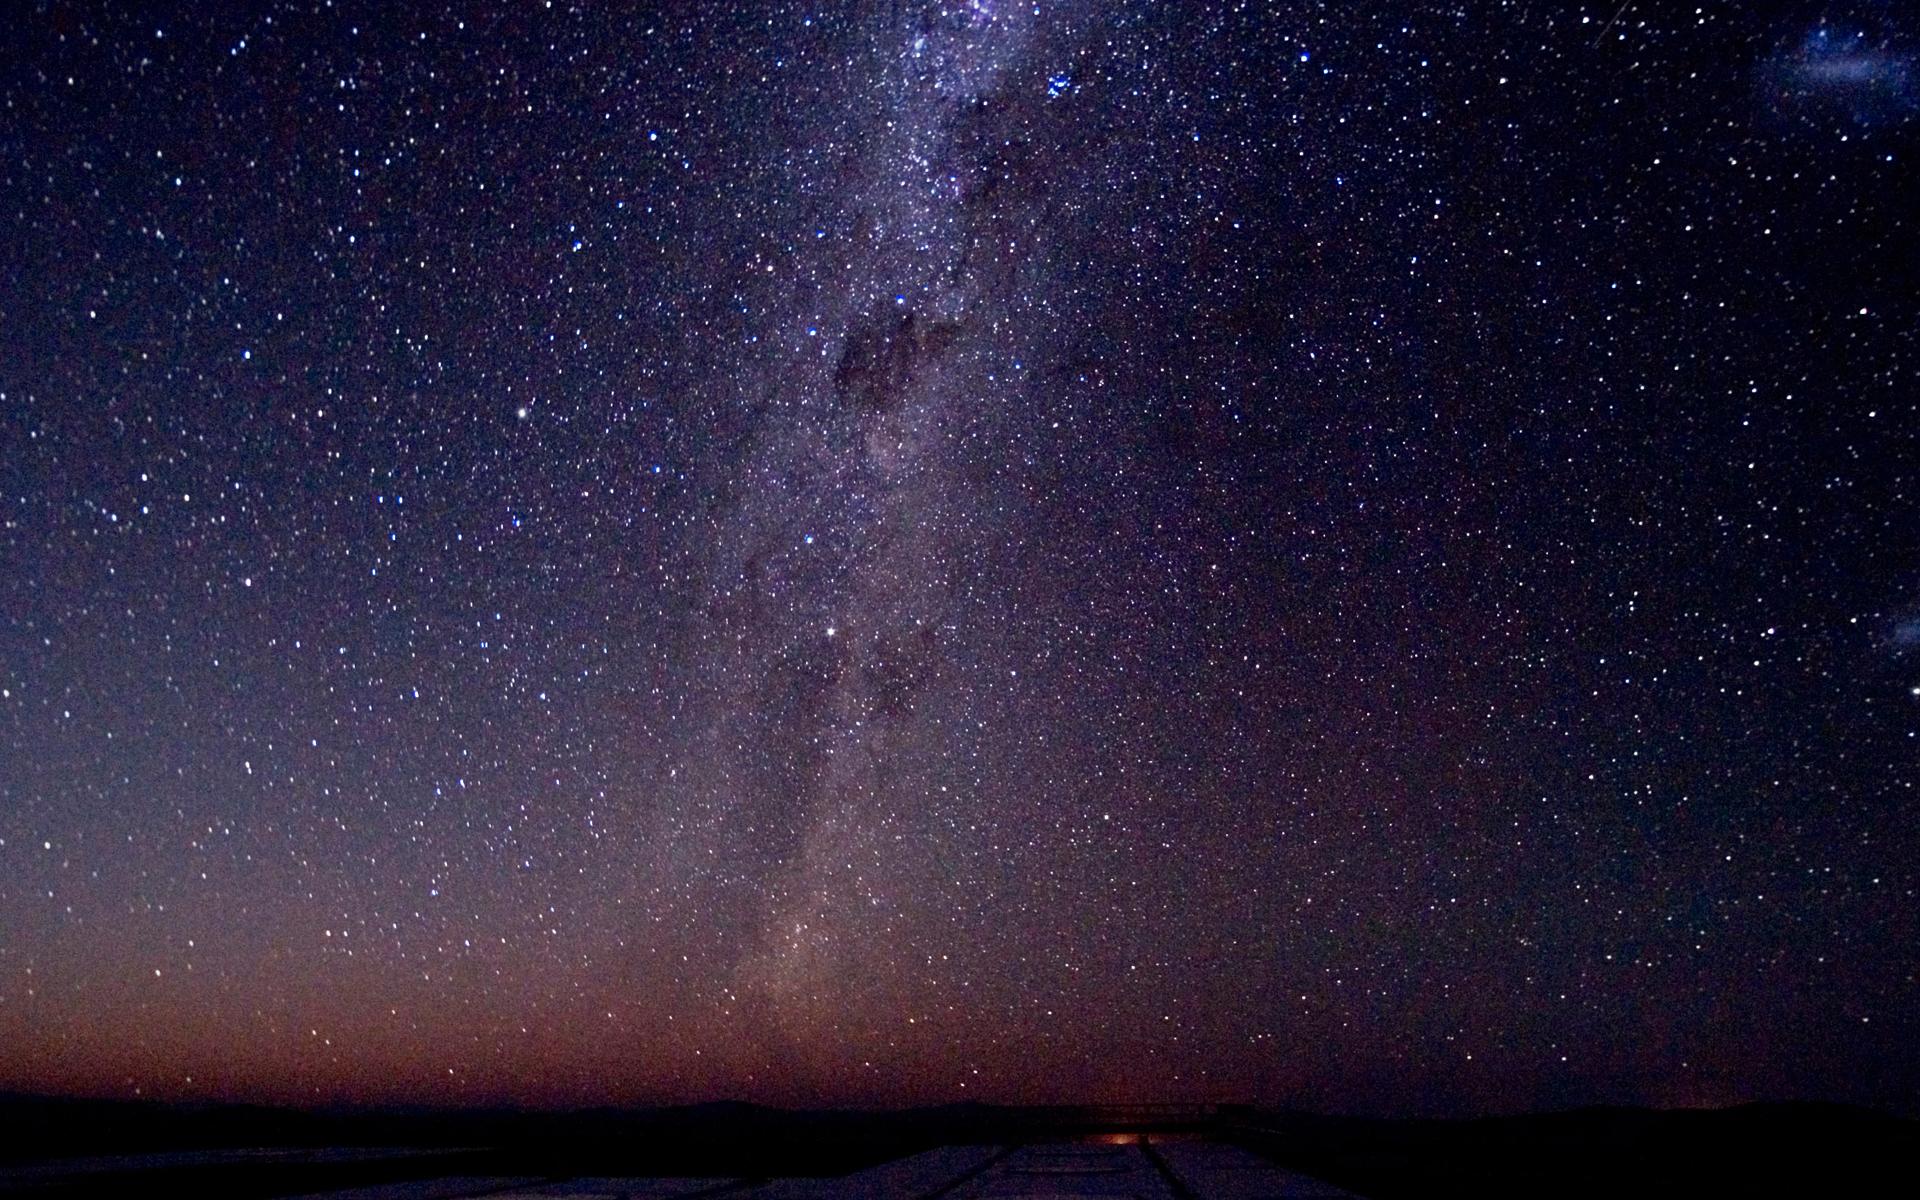 Amazing Milky Way Wallpapers: Milkyway Wallpaper